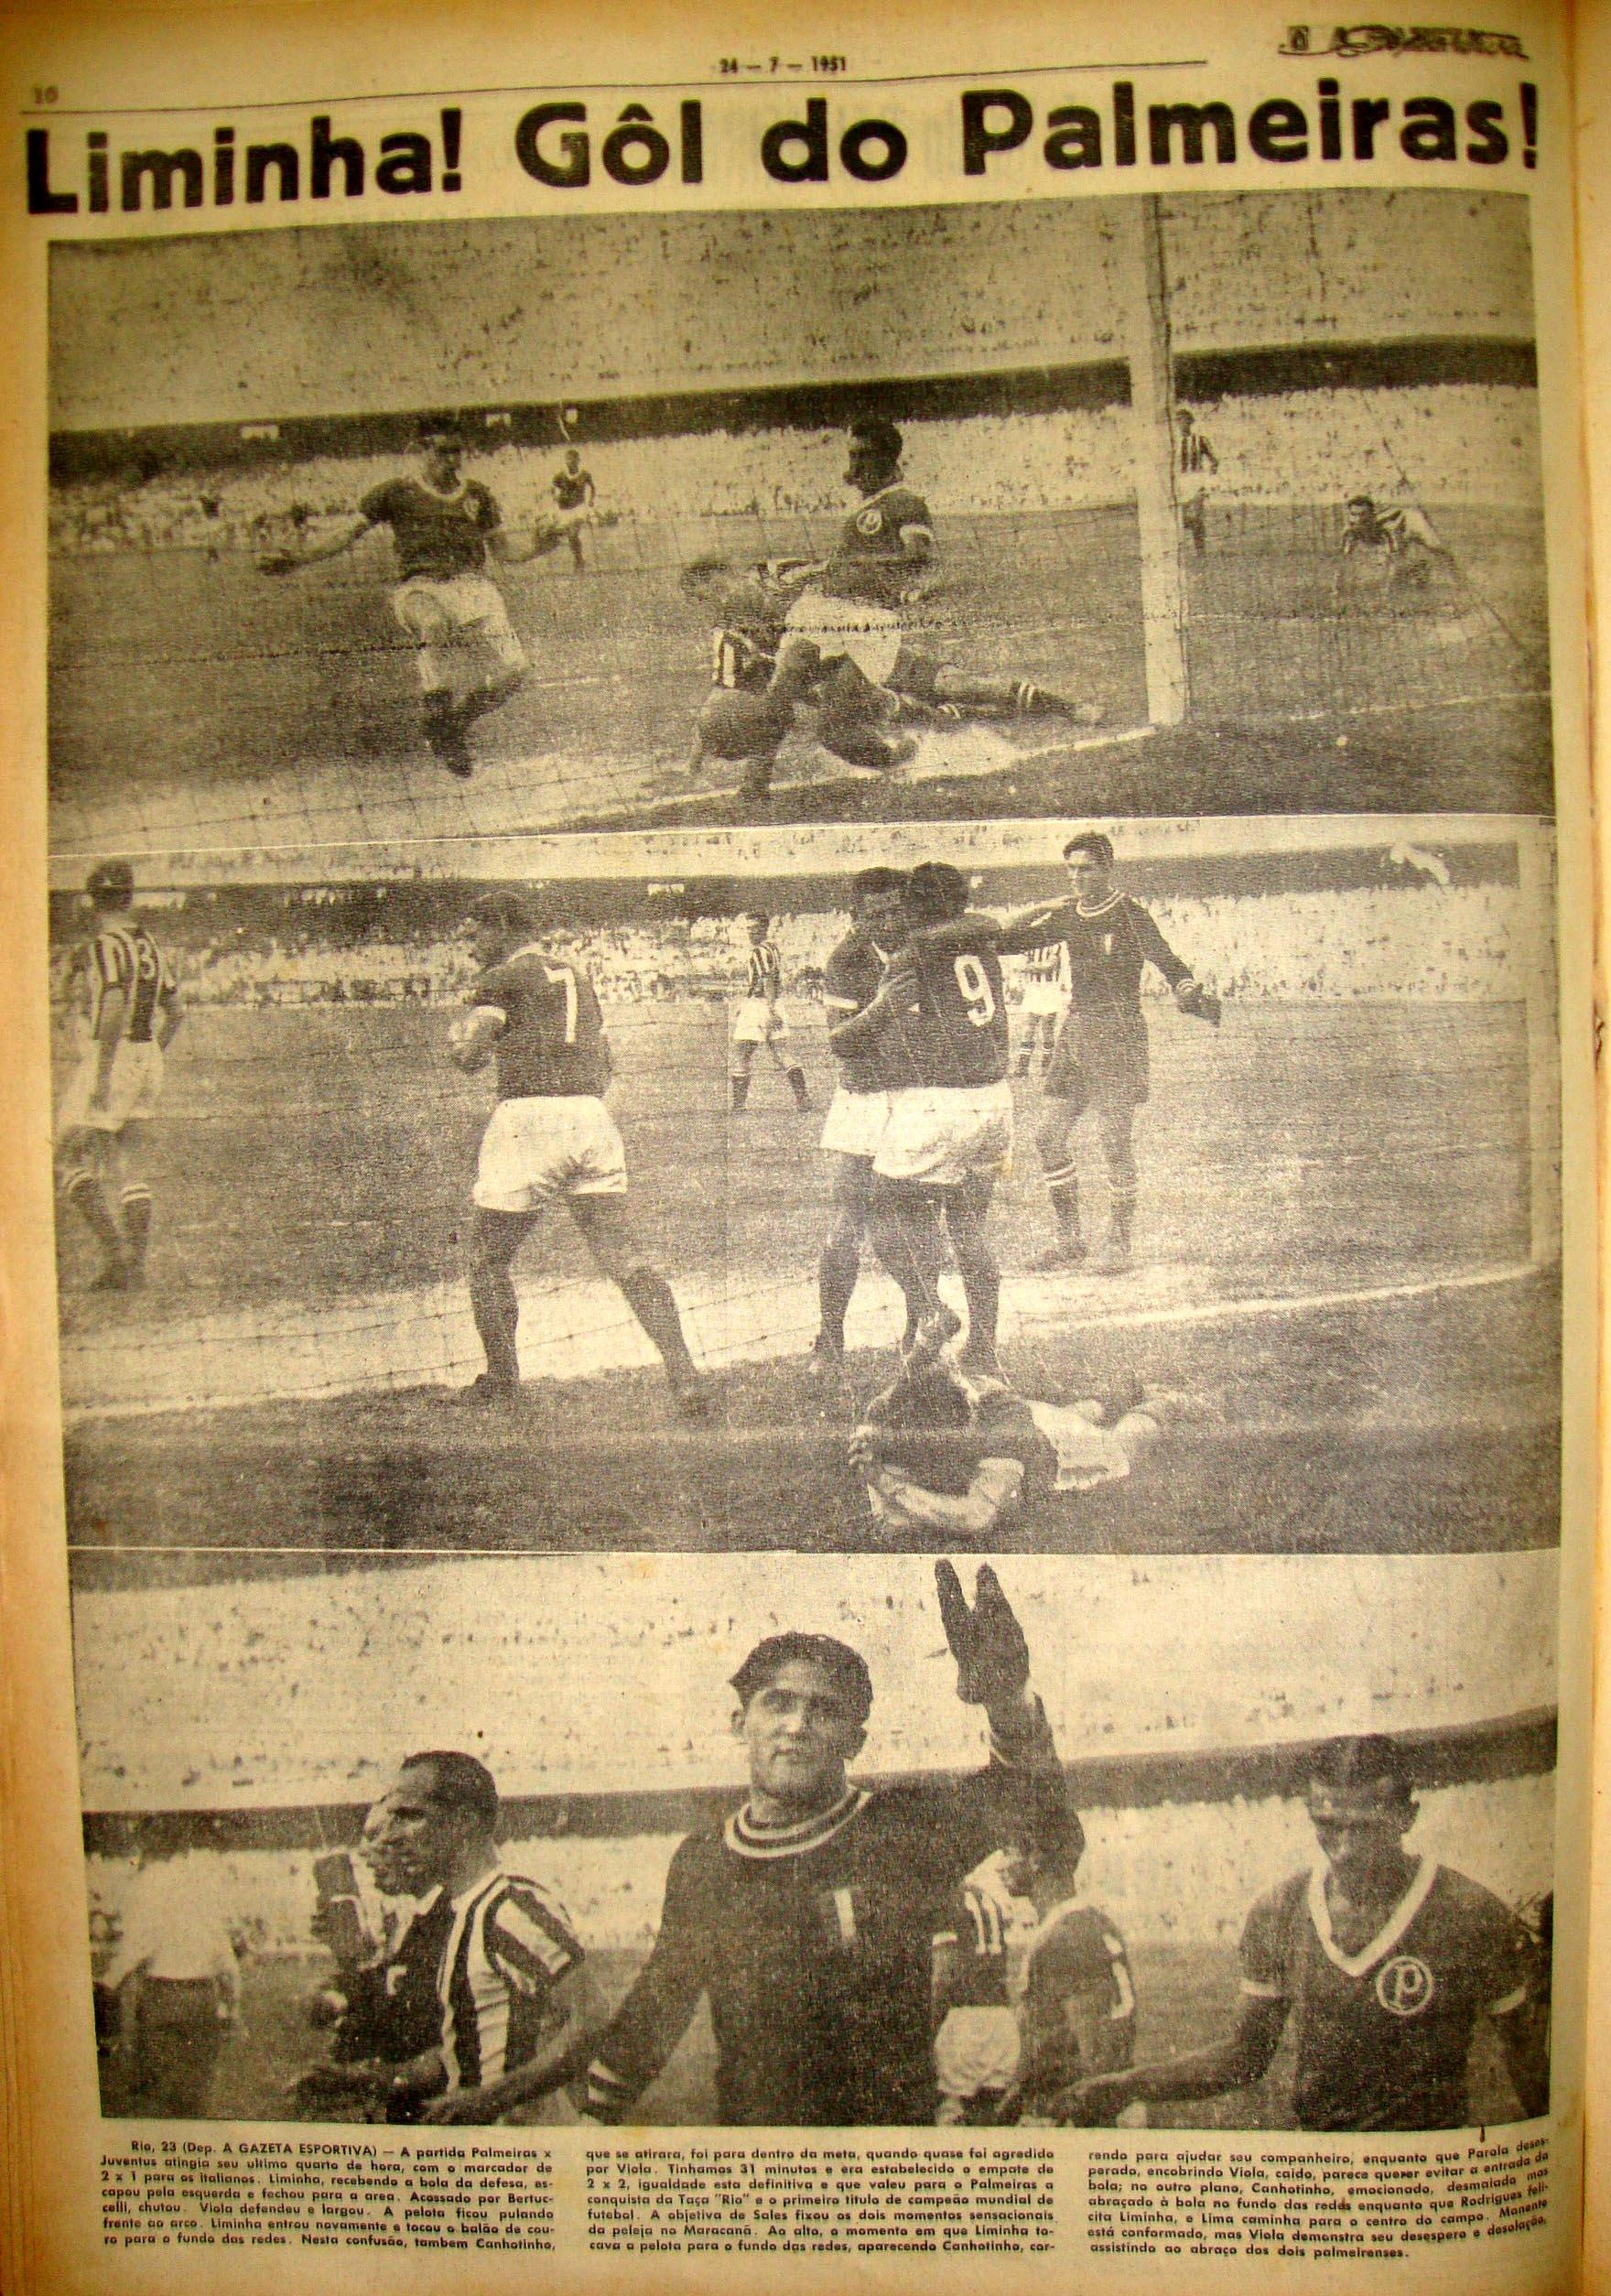 Imagens do gol de Liminha e a lamentação do goleiro italiano